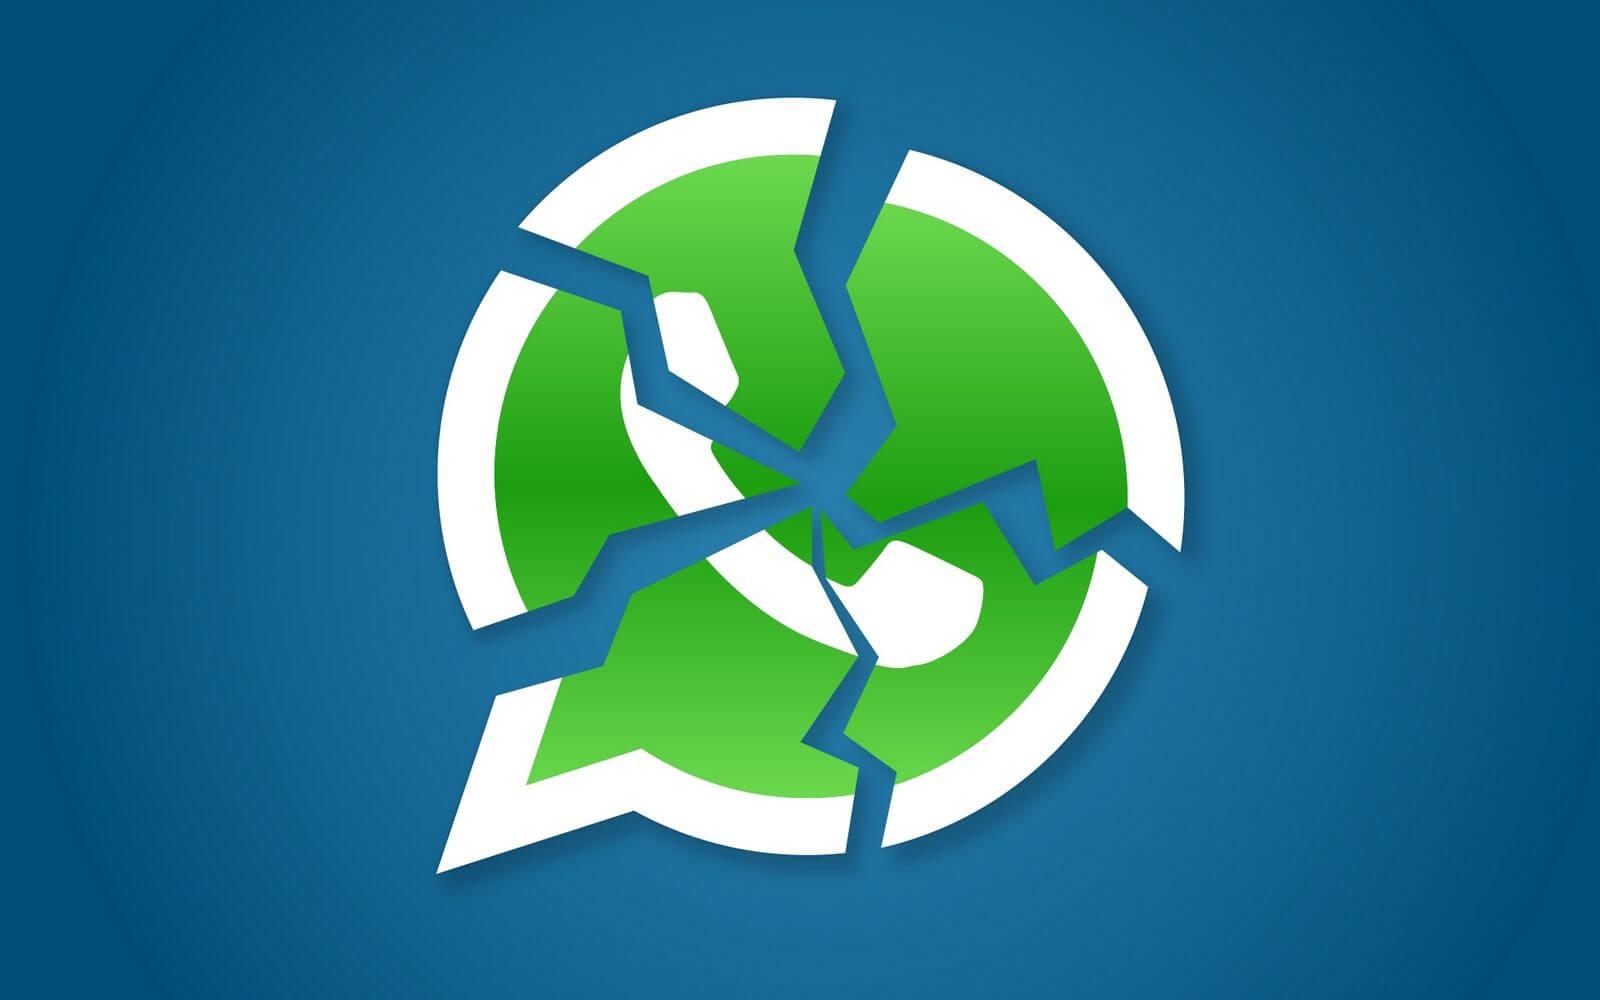 smt wa p1 - Whatsapp: o bloqueio do aplicativo e quais as alternativas